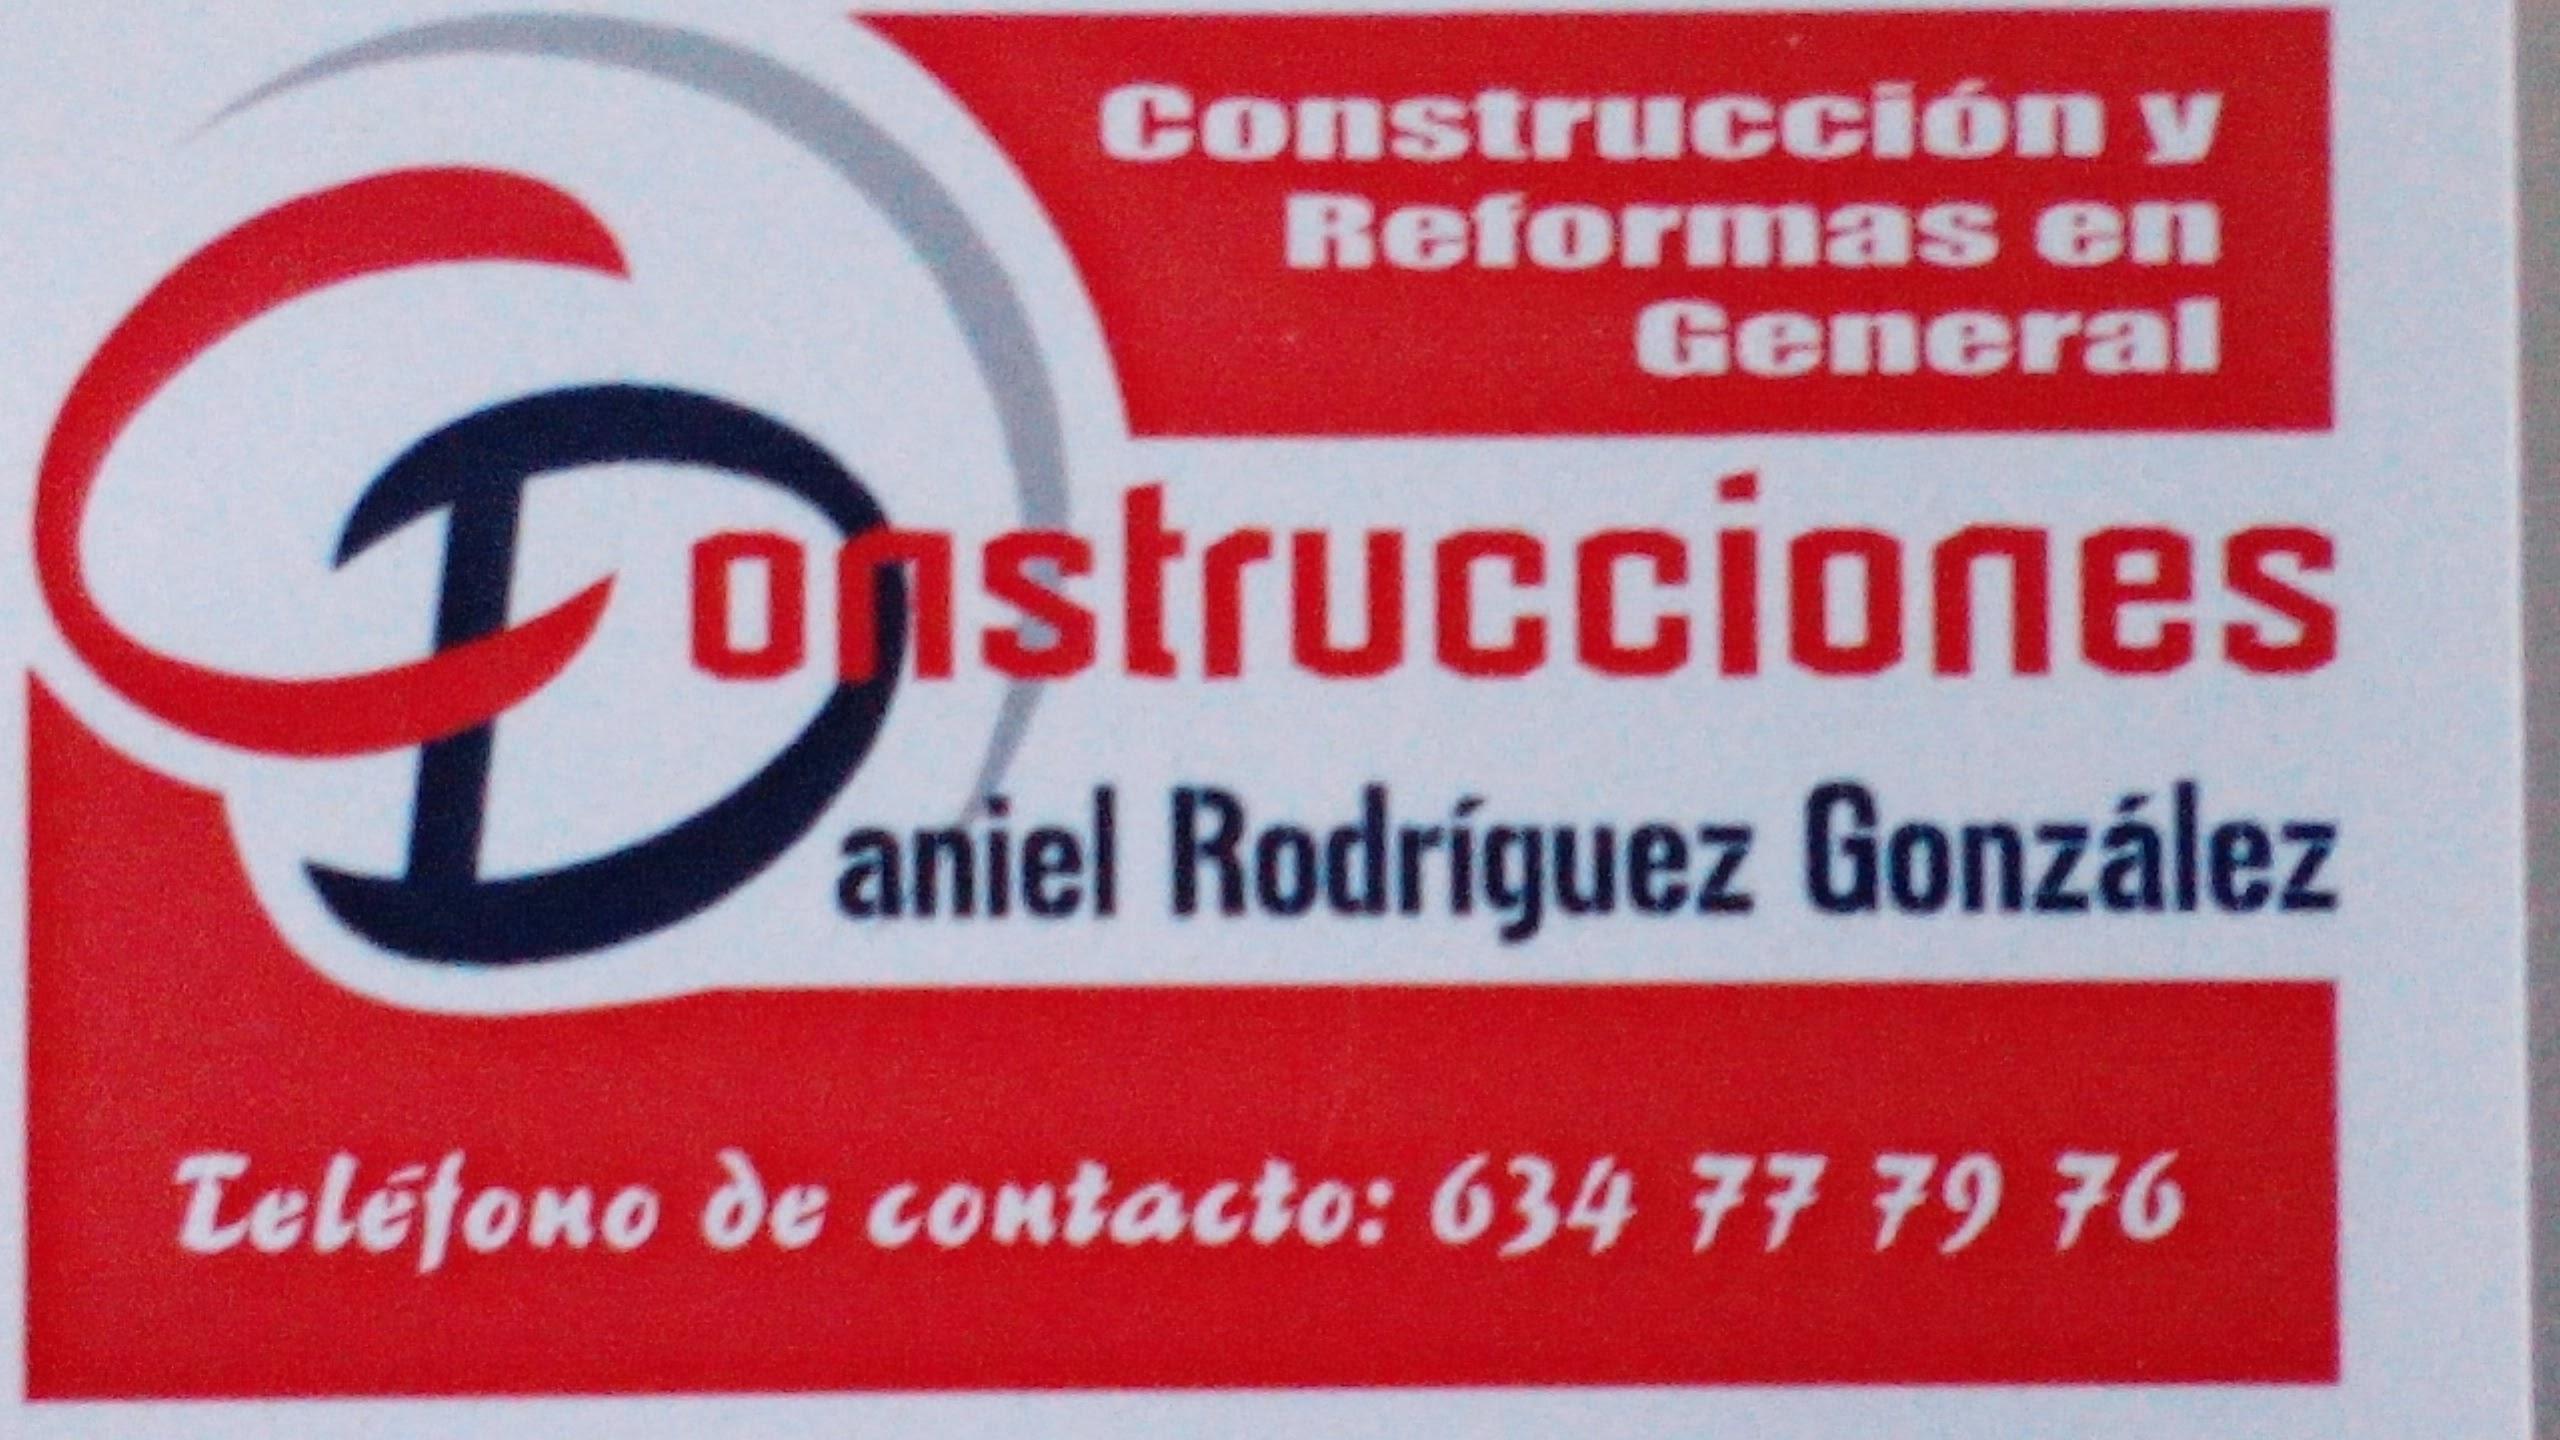 Construcciones Daniel Rodriguez Gonzalez